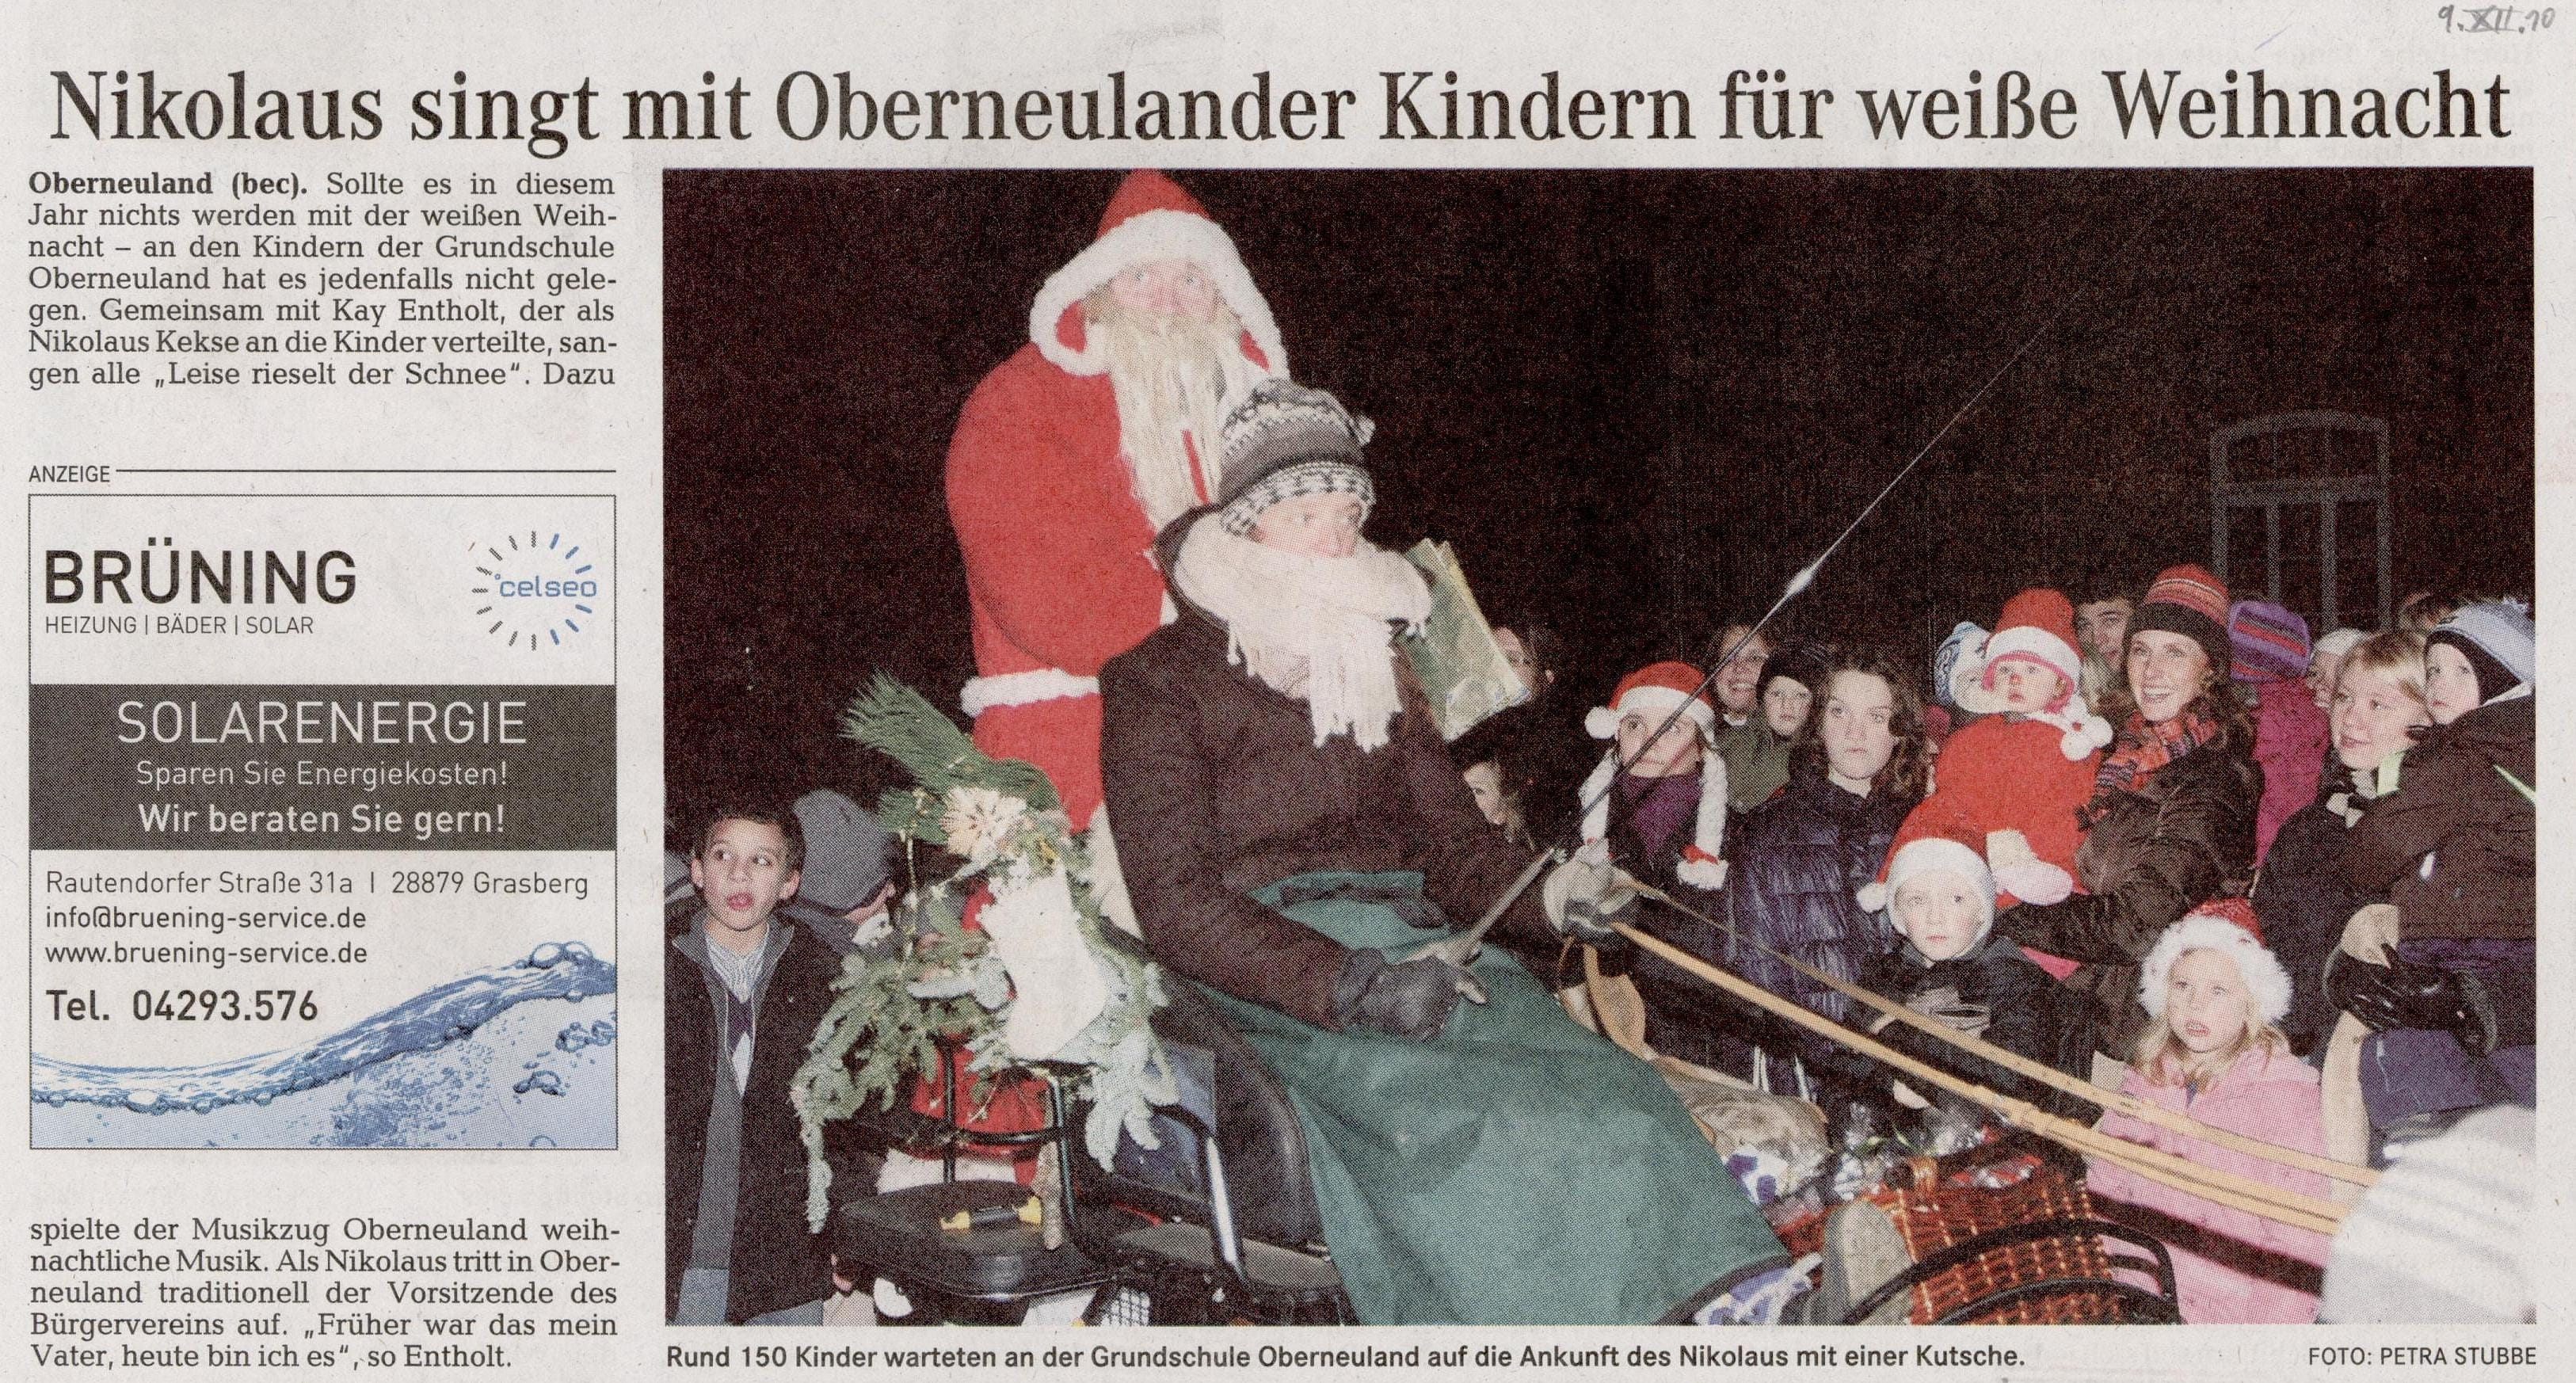 10 Nikolaus Entholt 9.12.10 WK